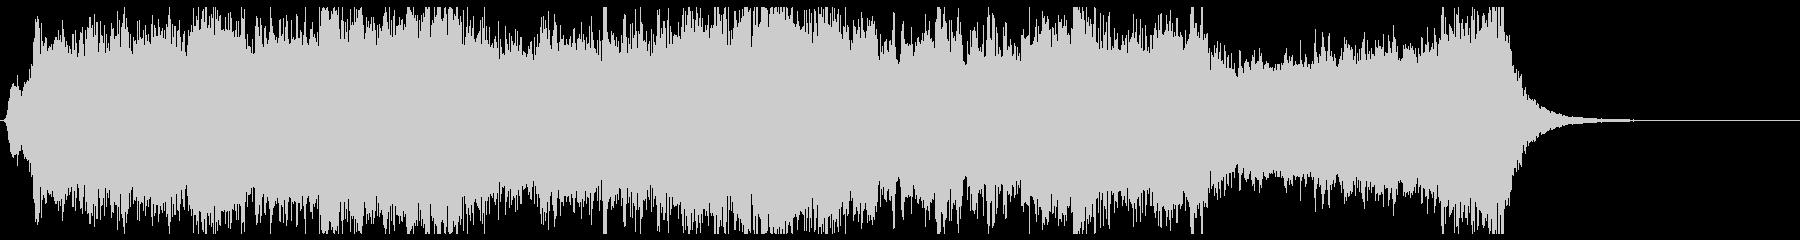 戦隊ヒーロー参上のオーケストラジングルの未再生の波形